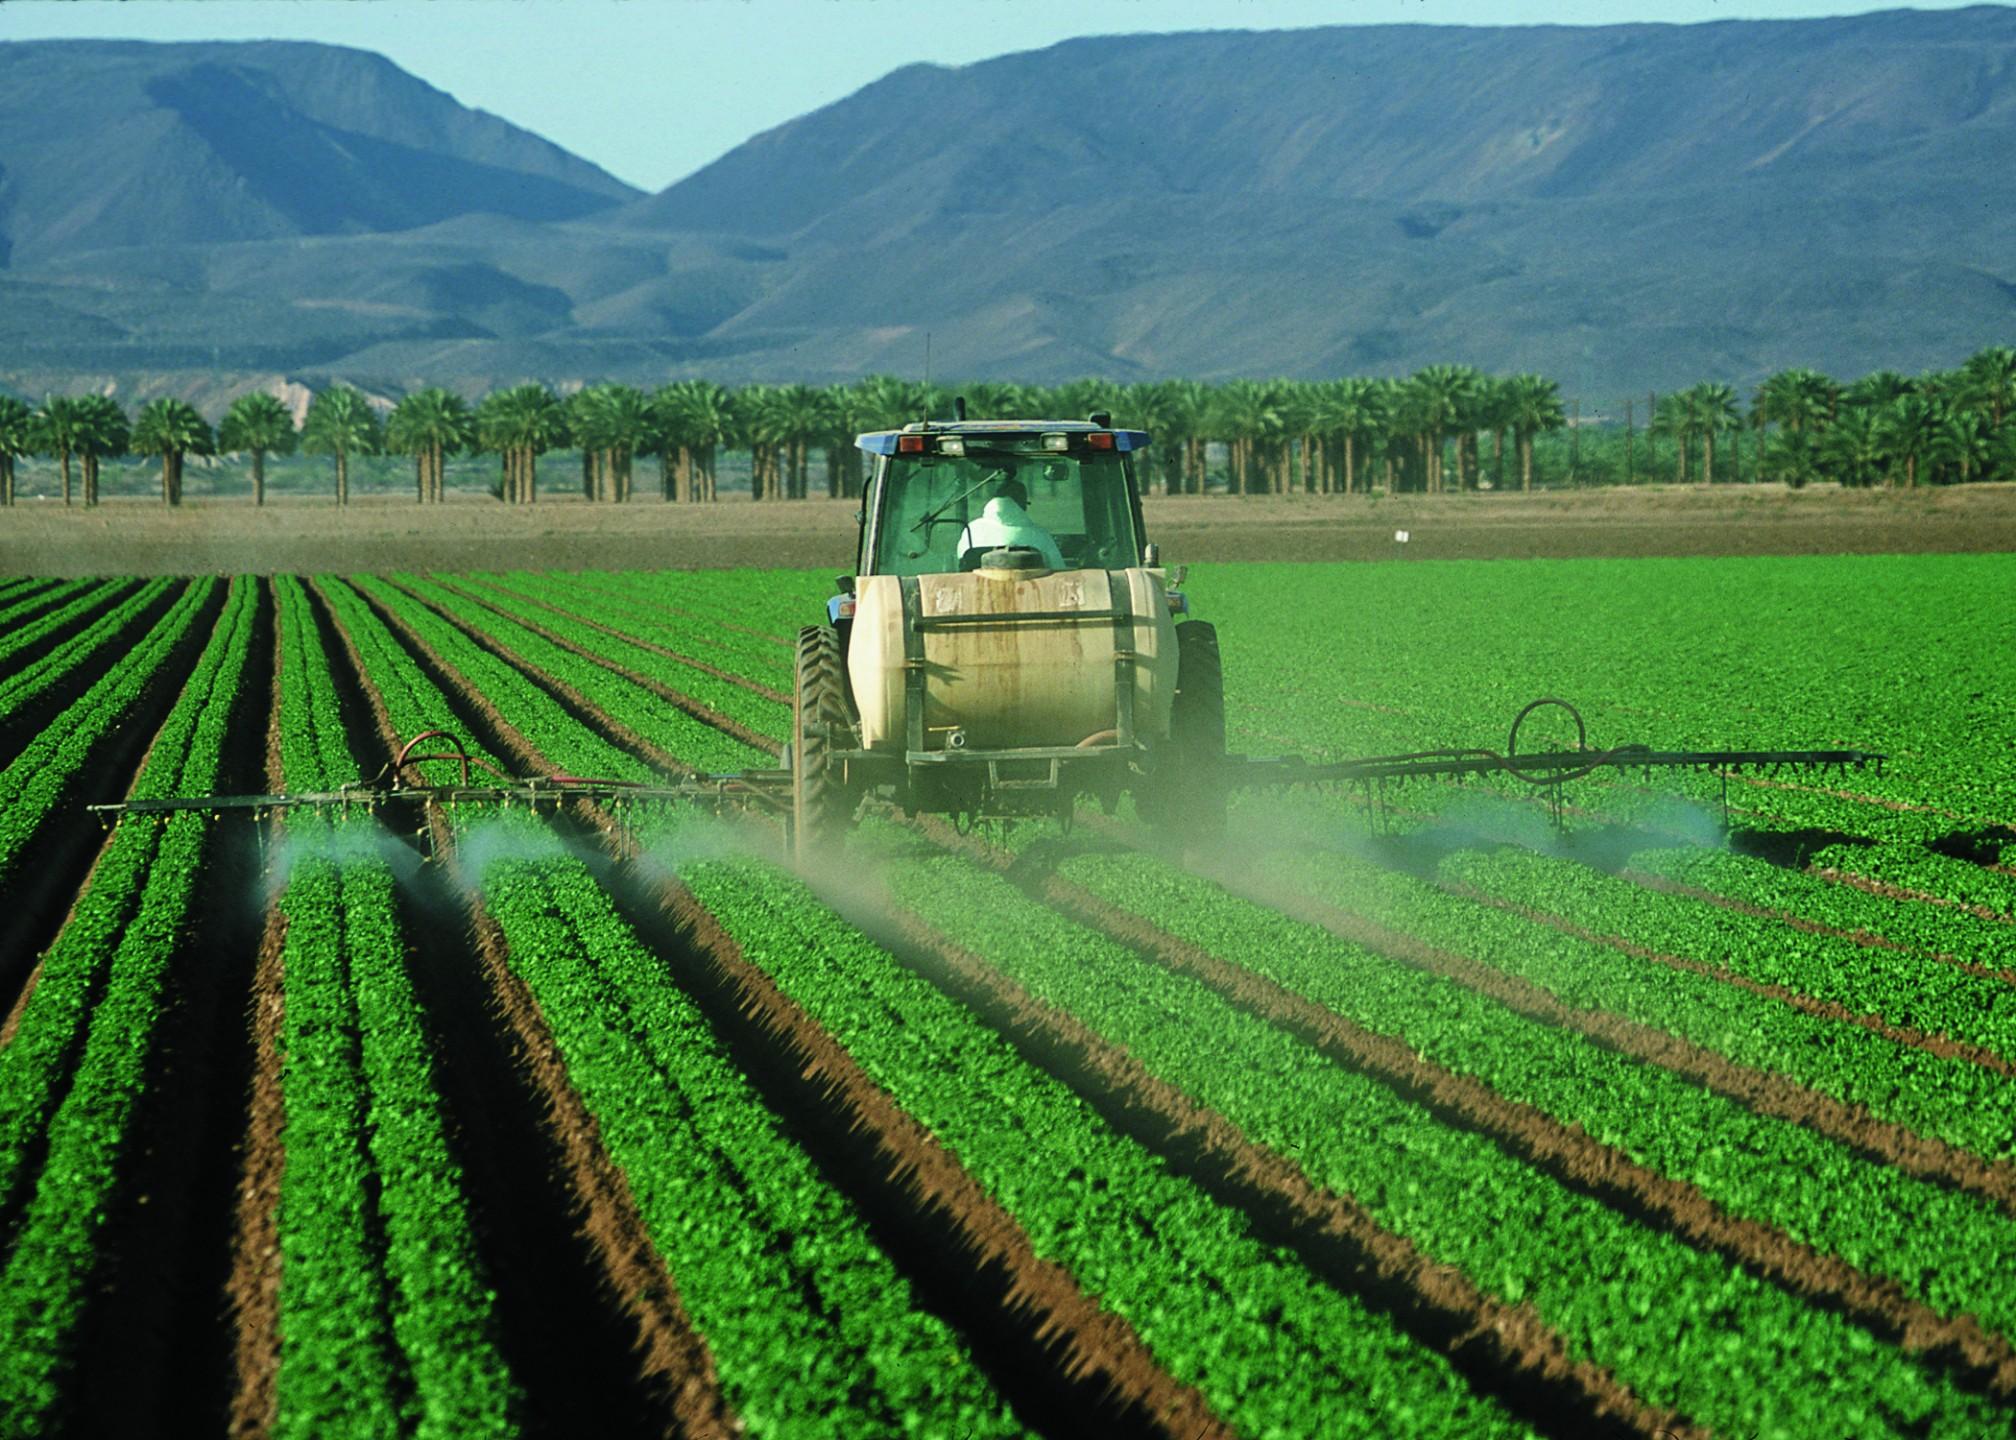 Hormoonverstorende stoffen in pesticiden zijn nu nog verboden door de EU, maar onder invloed van de VS en TTIP kan dat snel veranderen